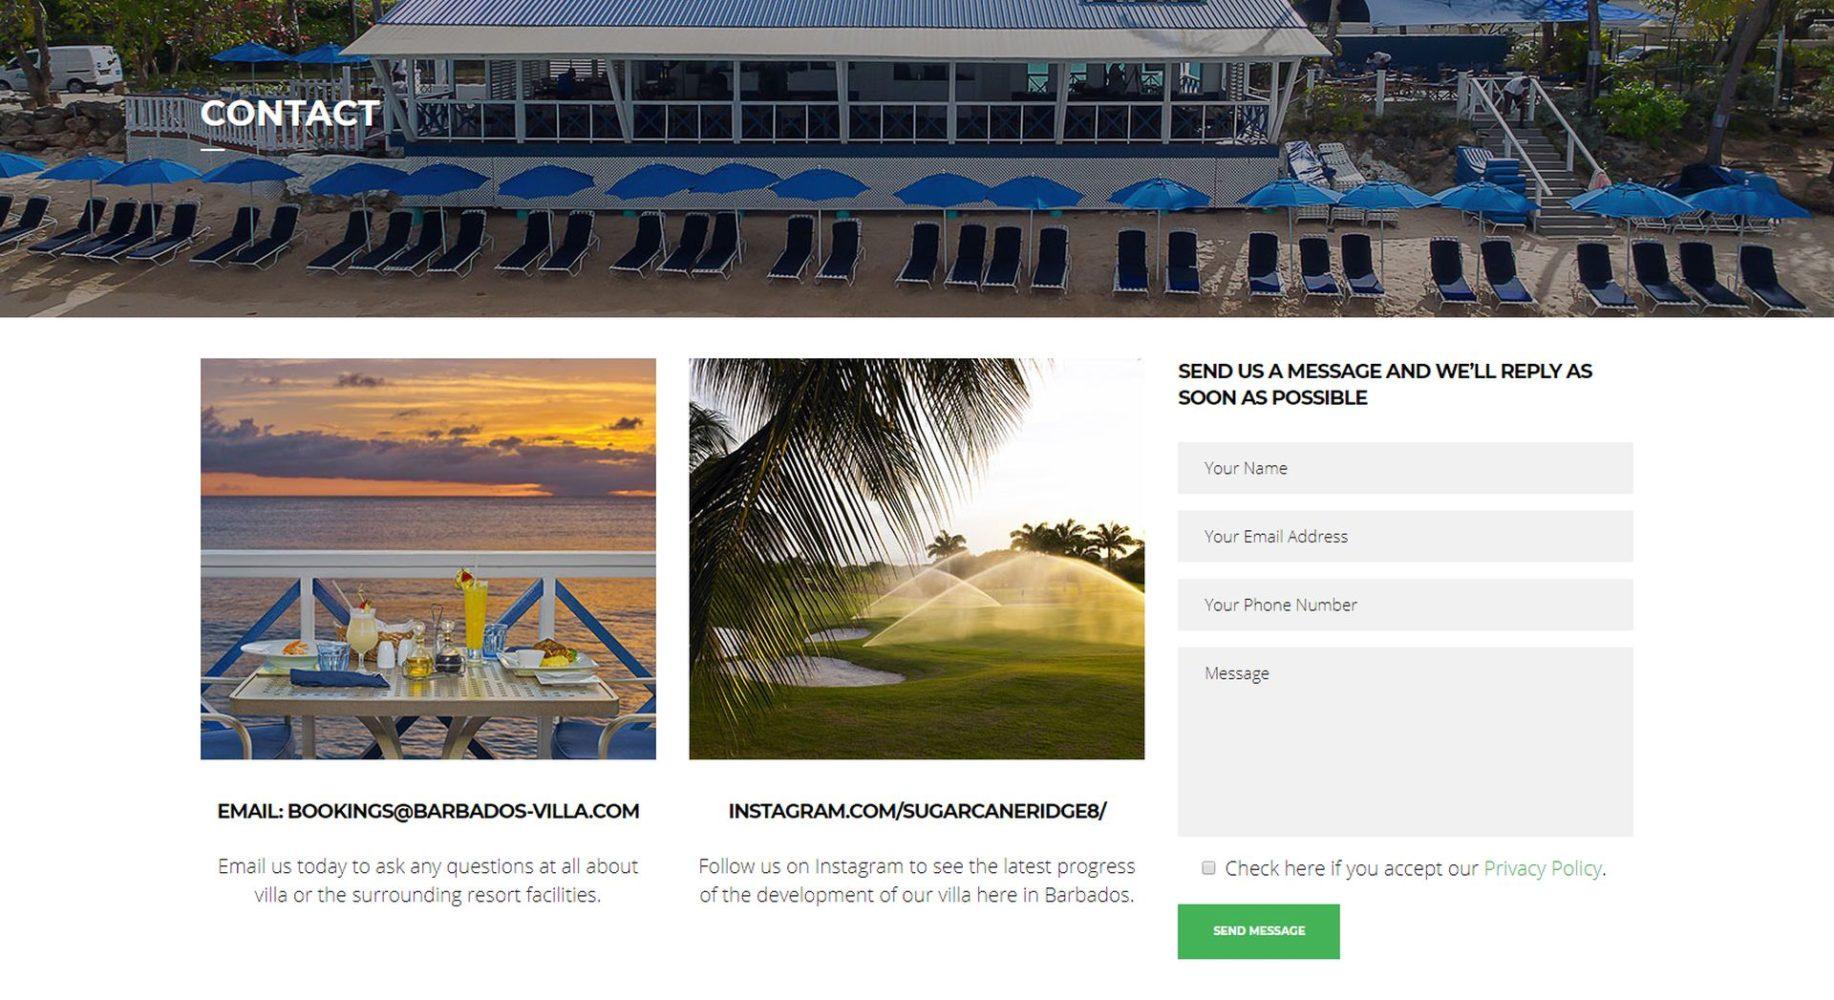 Barbados Villa Website Design Contact